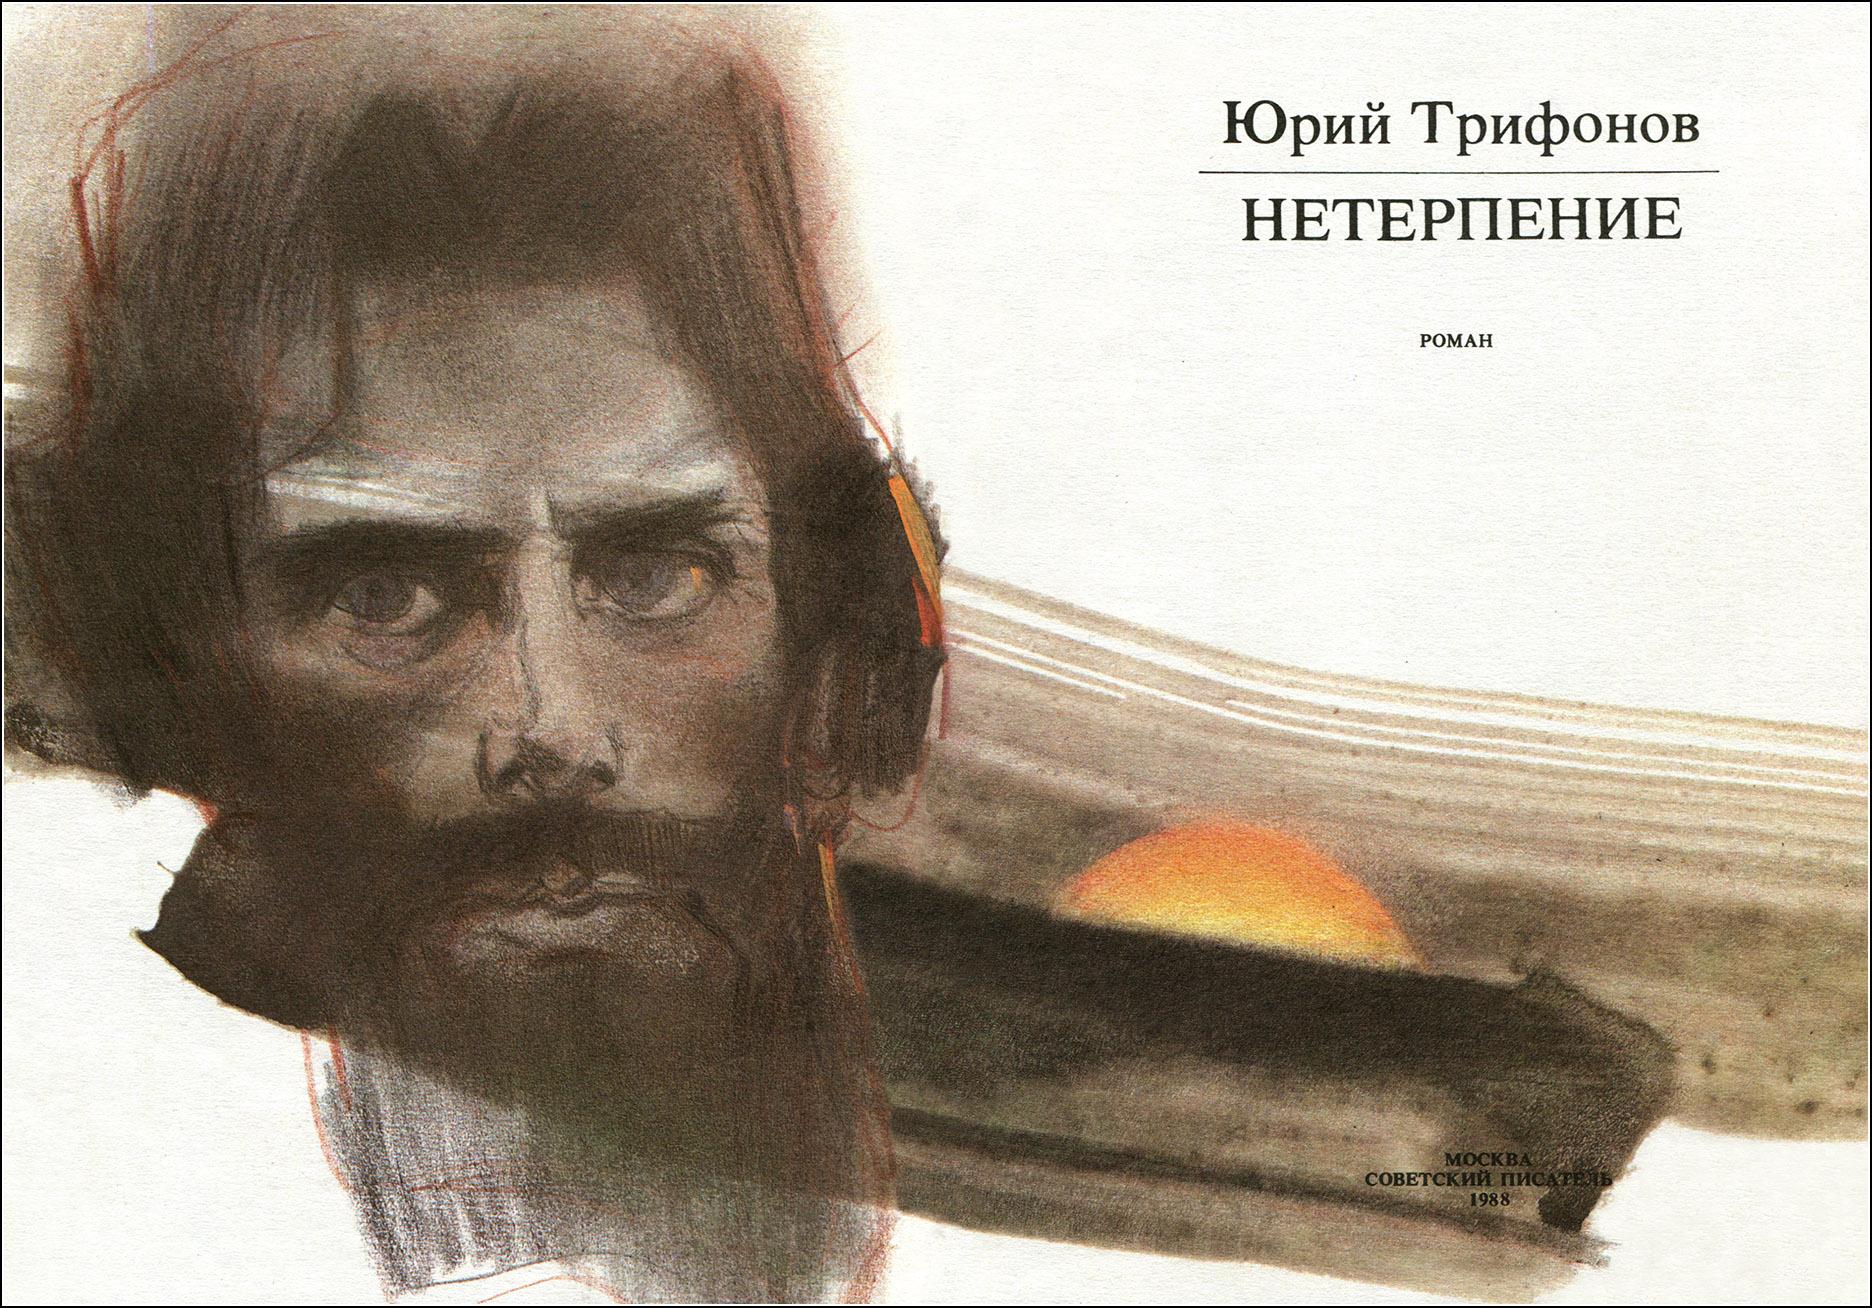 Г. Новожилов, Юрий Трифонов, Нетерпение